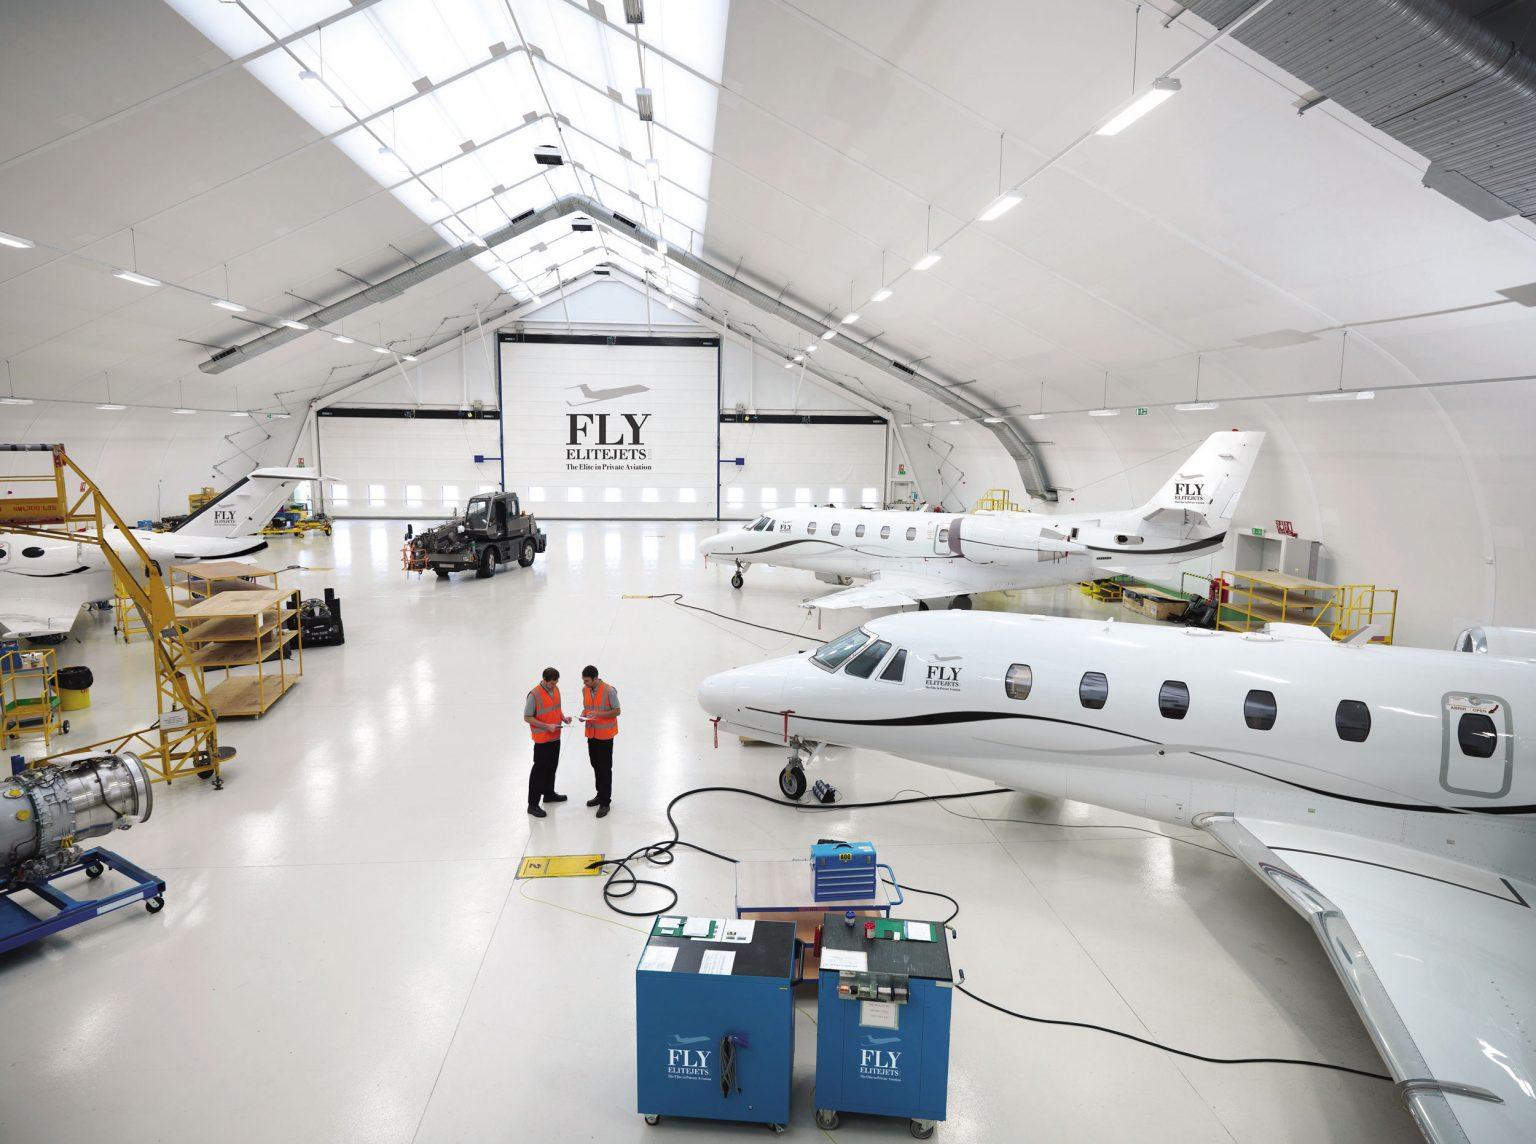 elitejets-management_Planes_300dpi